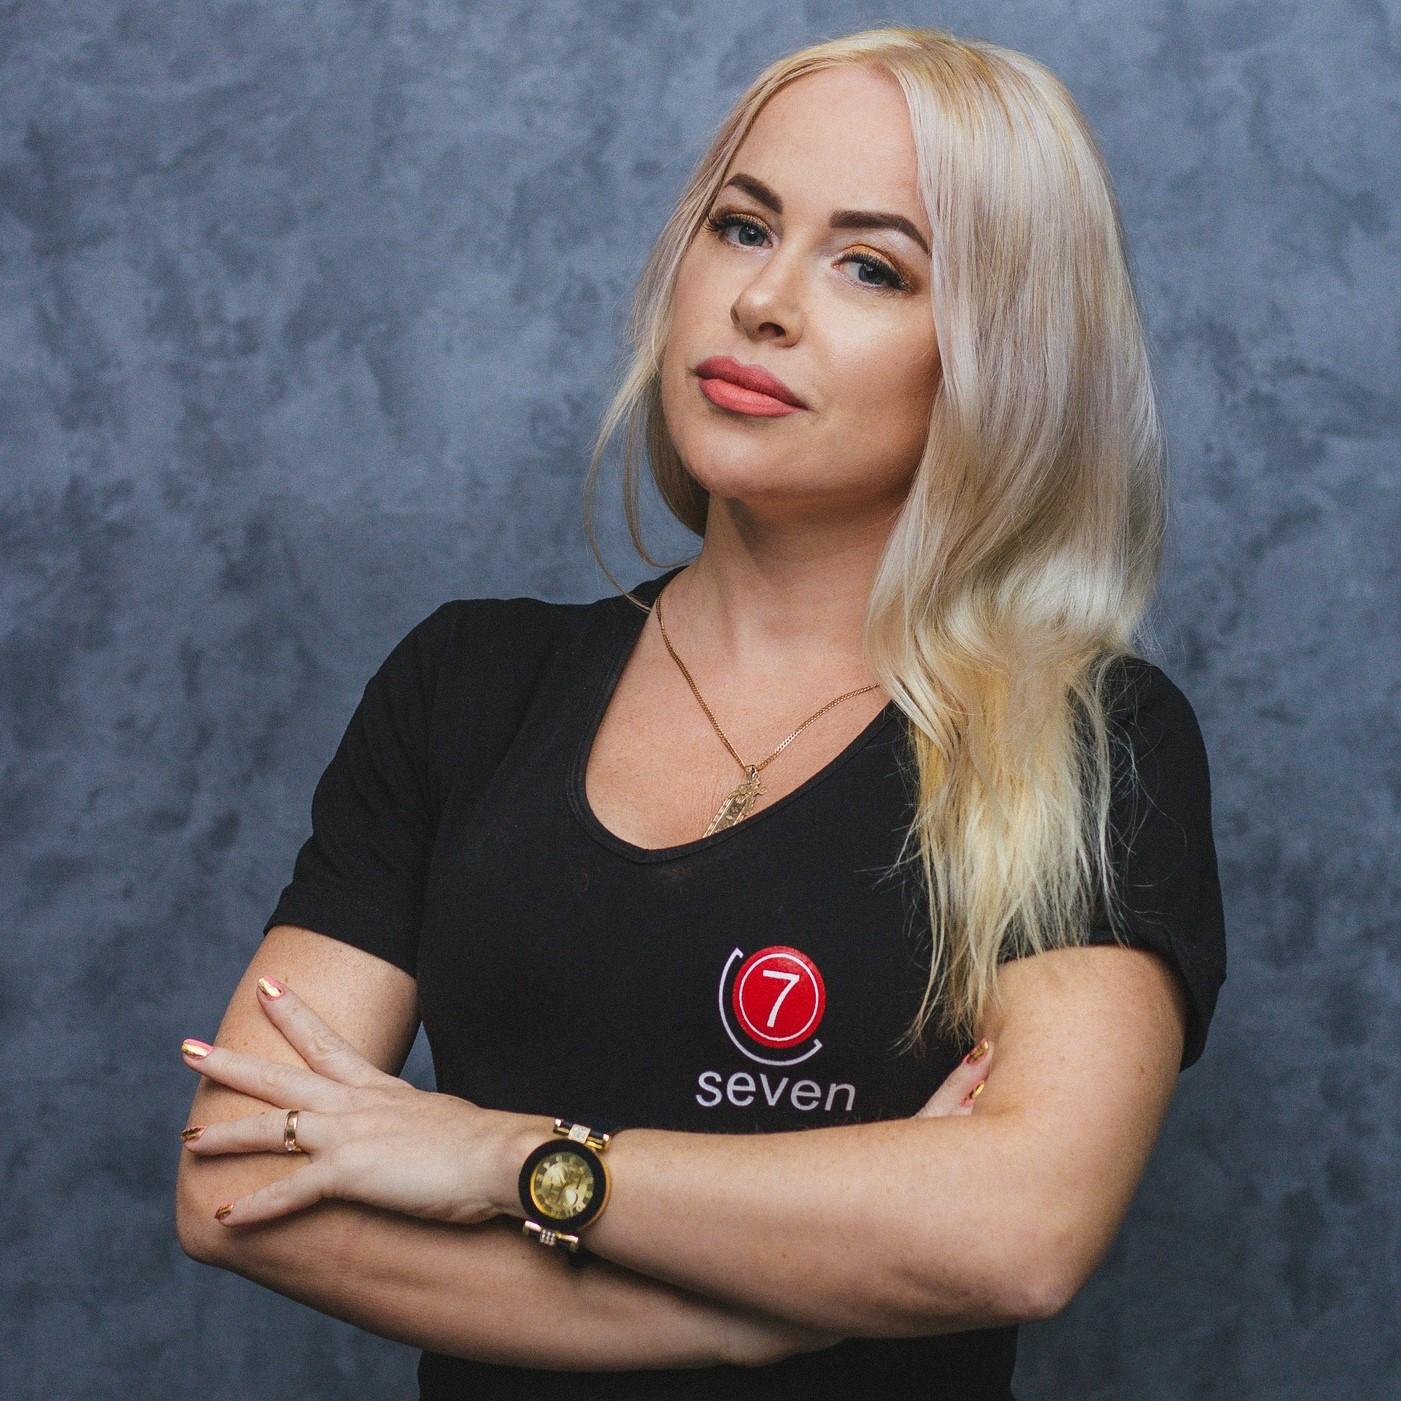 Тренер севен фитнес Иваново Васильева Ирина